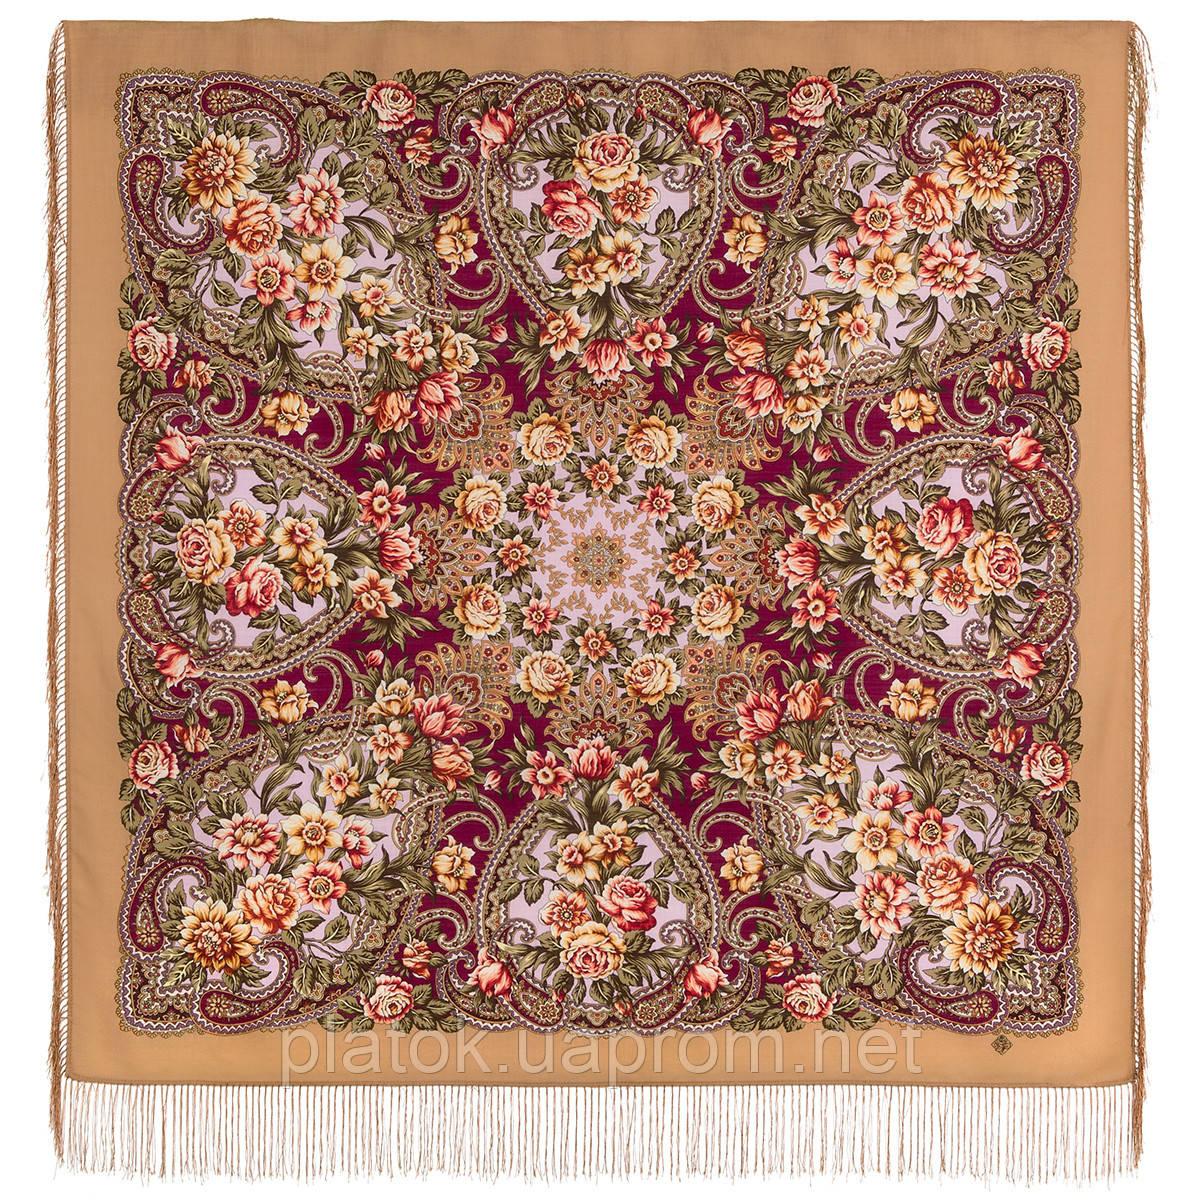 Родниковый край 1835-1, павлопосадский платок шерстяной с шелковой бахромой